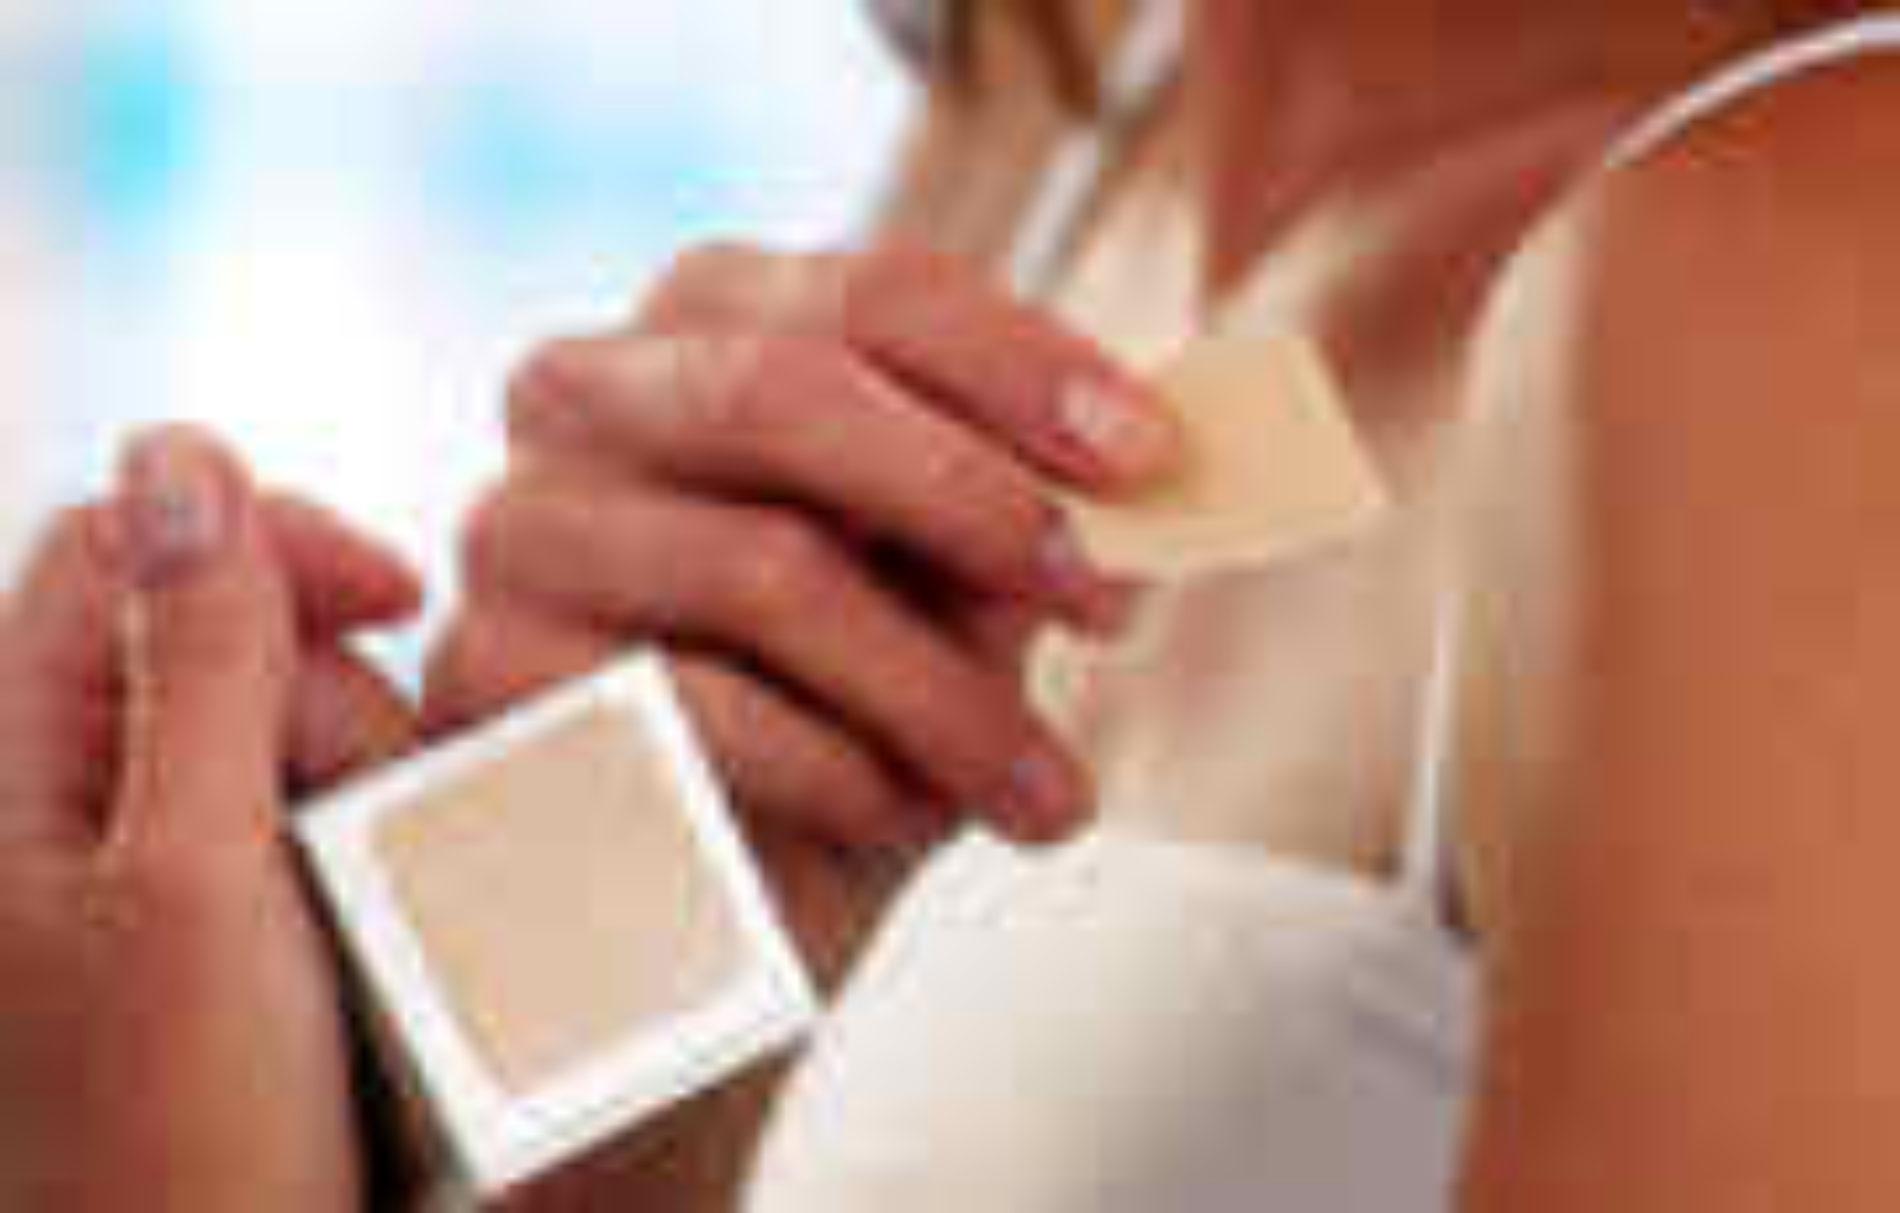 Gravidanza e prodotti sostitutivi della nicotina: quali rischi?